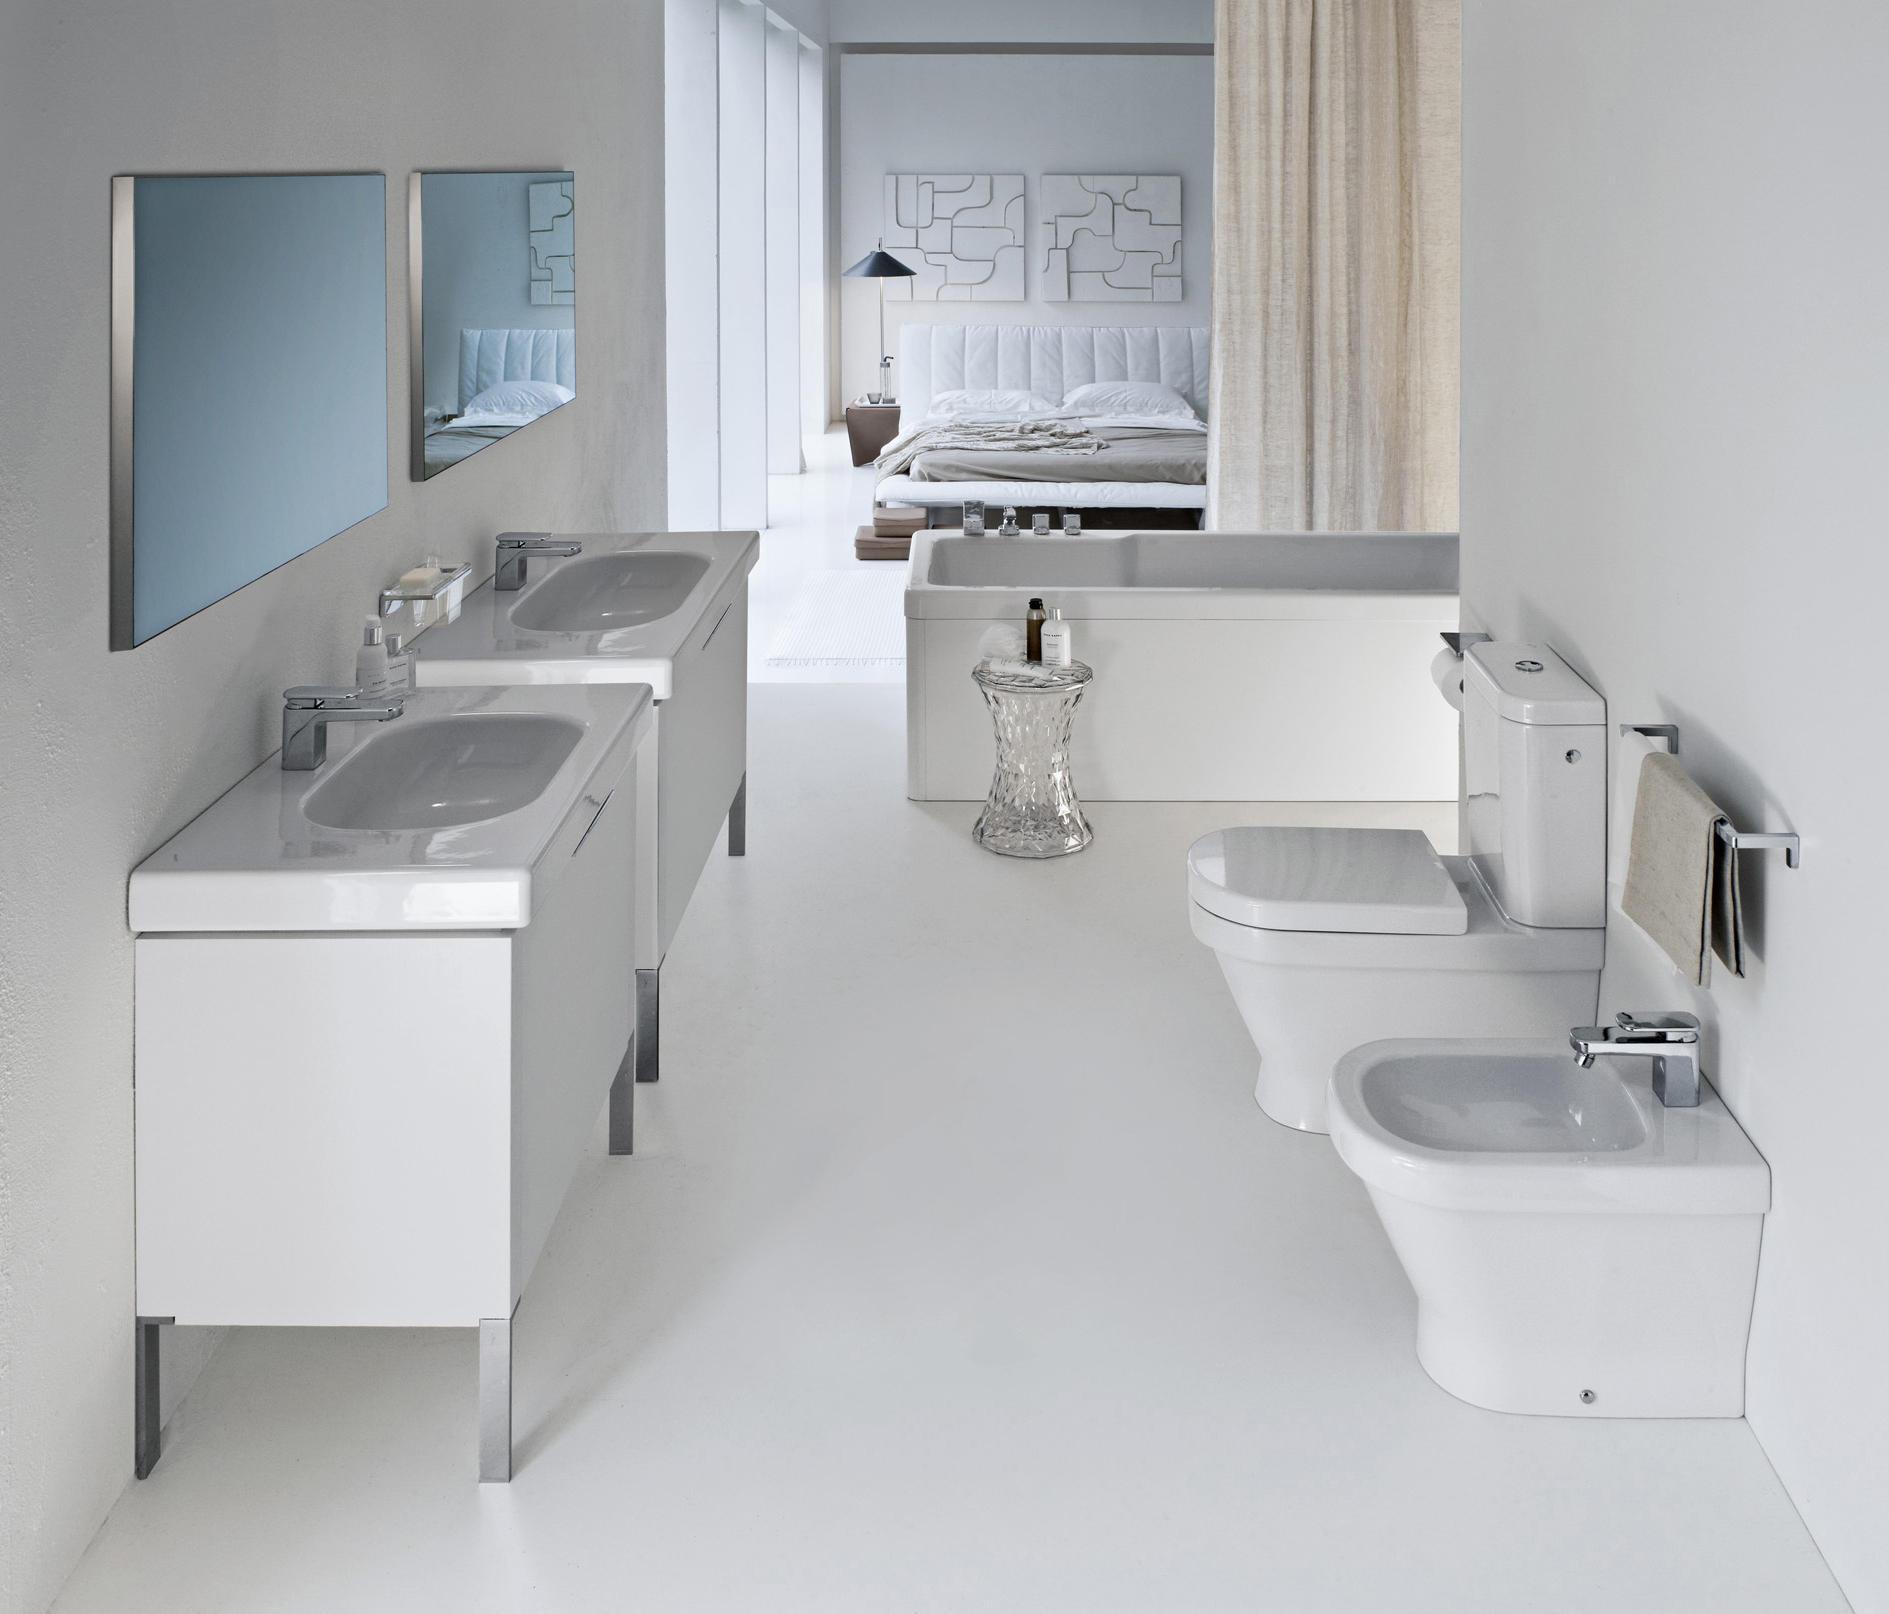 lb3   badewanne - badewannen rechteckig von laufen   architonic, Schlafzimmer entwurf